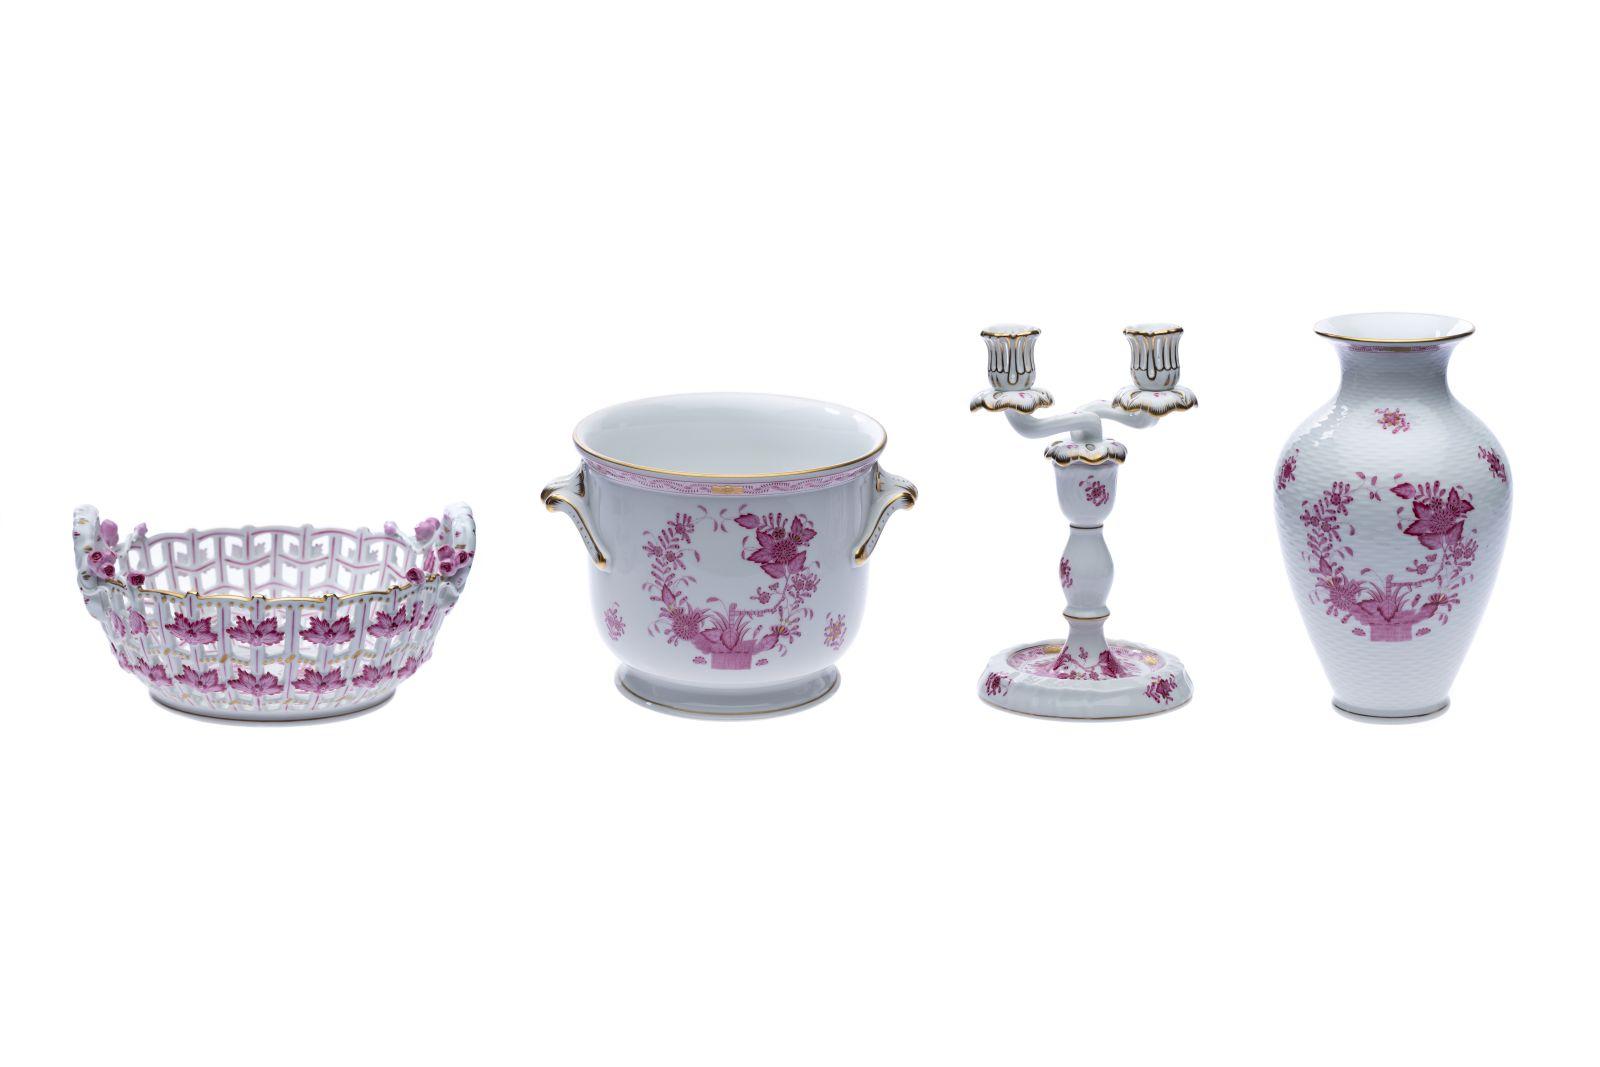 #16 Flower pot, flower vase, candle holder and fruit basket | Blumentopf, Blumenvase, Kerzenständer und Früchtekorb Image